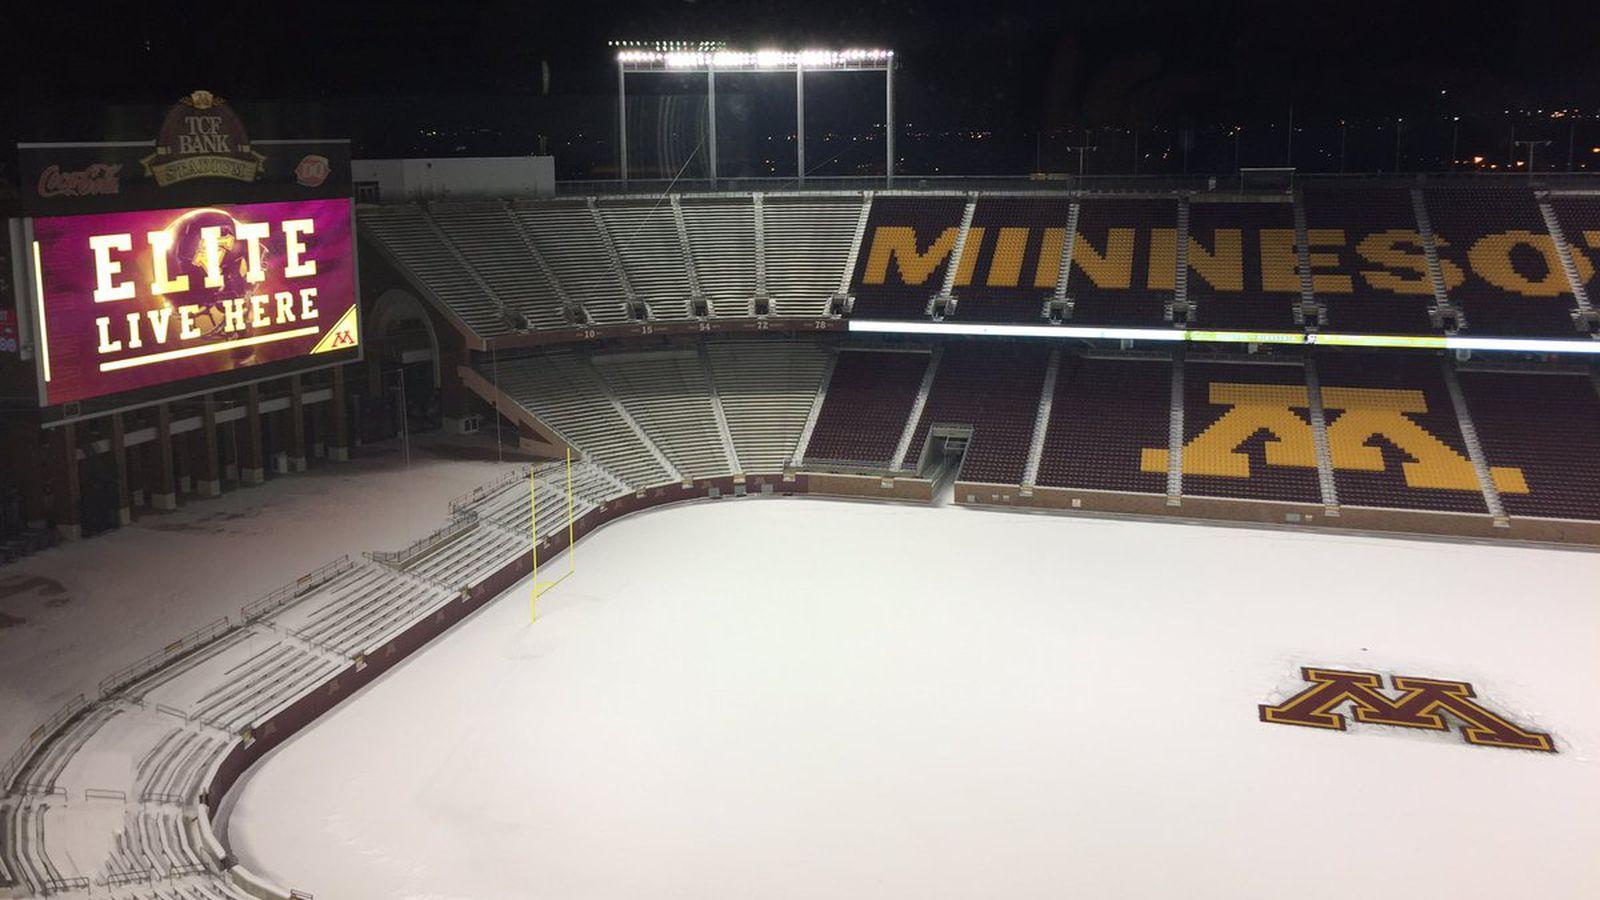 Tcf_recruiting_snow_night.0